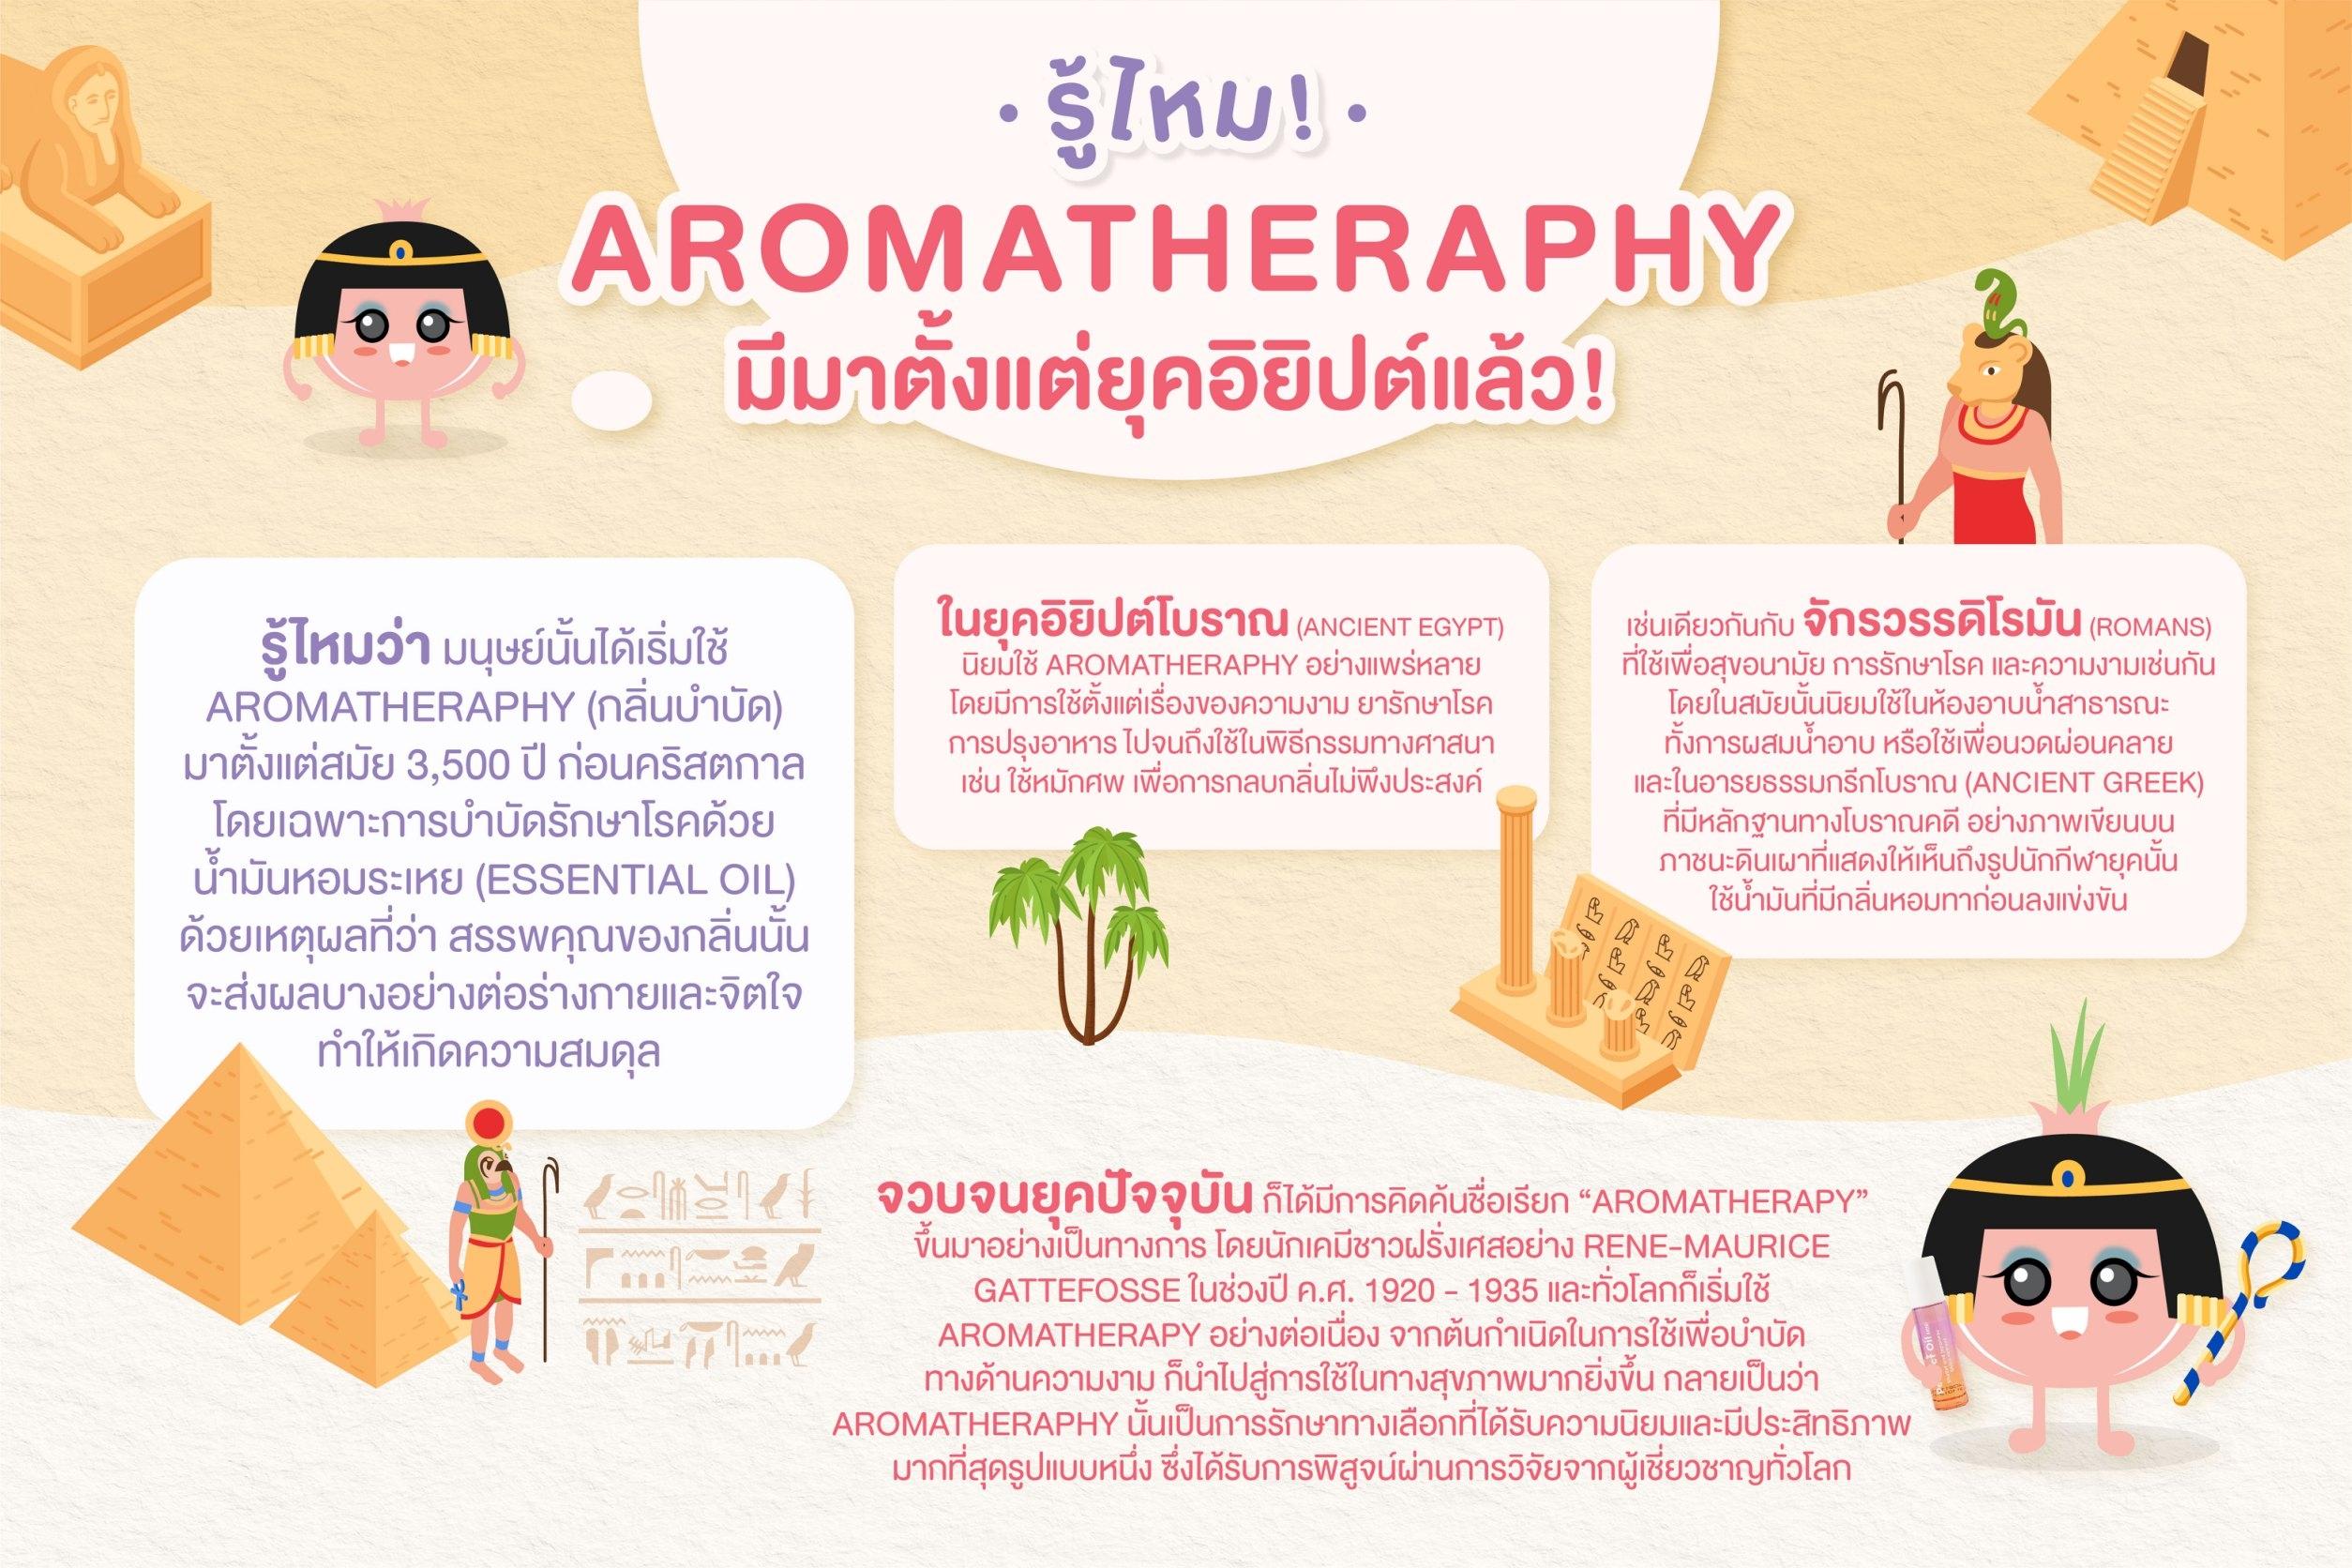 Aromatheraphy มีมาตั้งแต่ยุคอียิปต์แล้ว